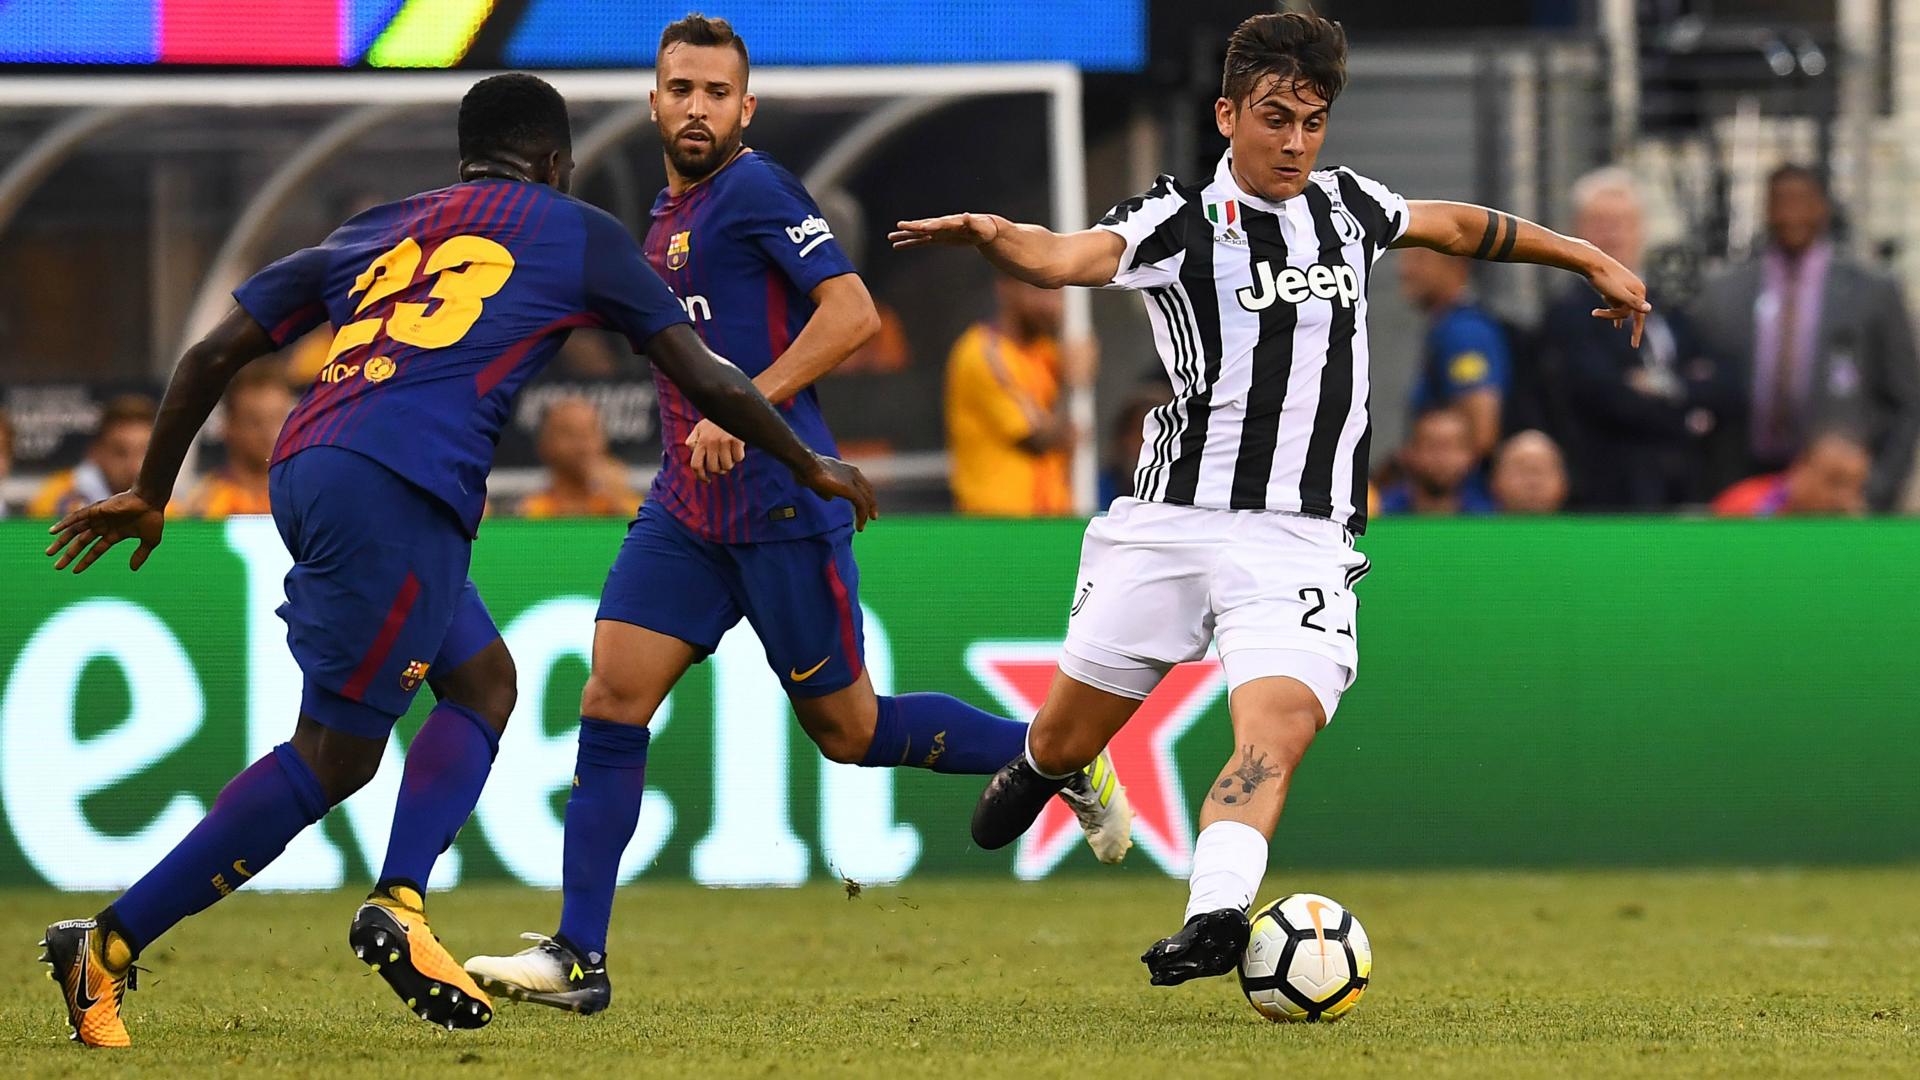 Com gol de Neymar, Barcelona bate o Manchester United